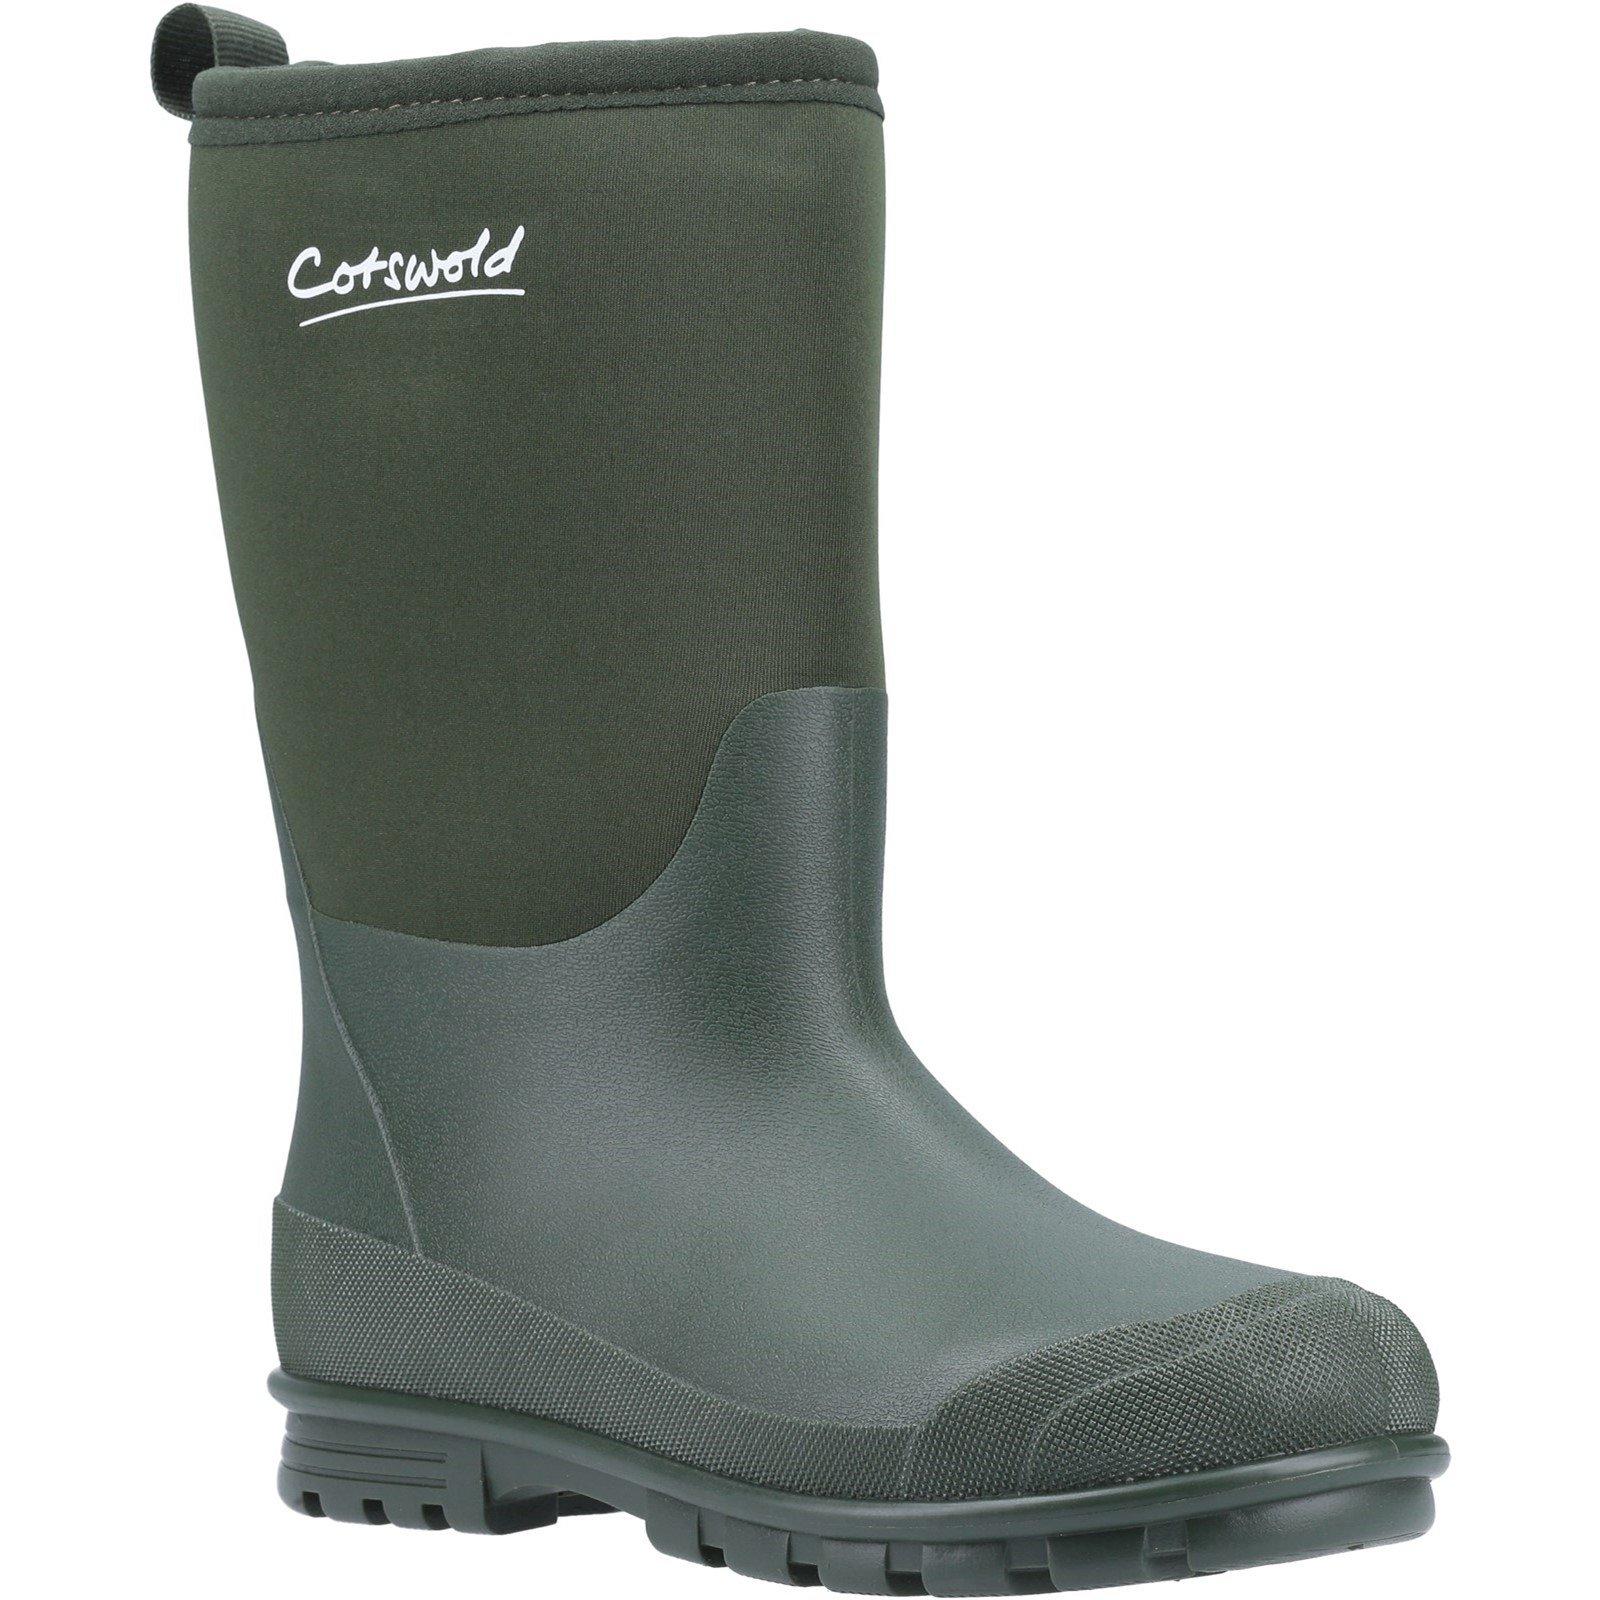 Cotswold Women's Hilly Neoprene Wellington Boot - Green 5